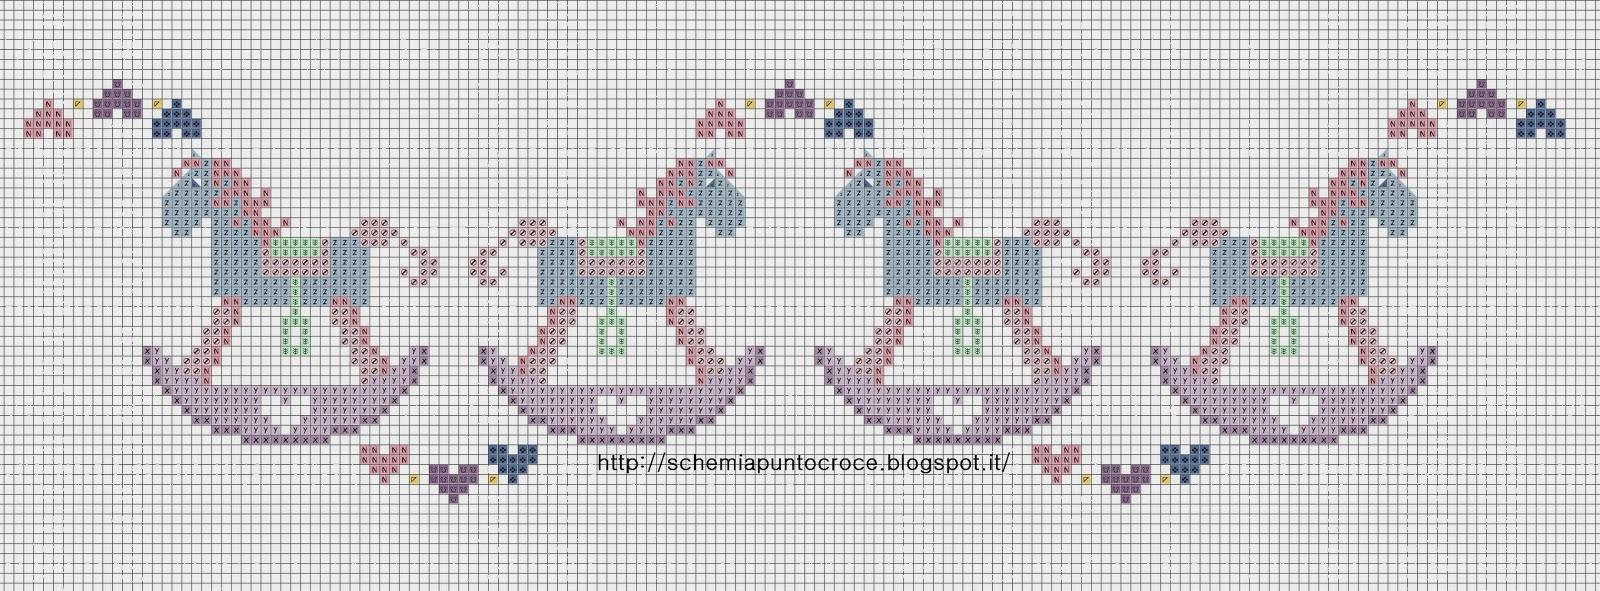 Schemi punto croce lenzuolini neonati cl49 regardsdefemmes for Punto croce immagini